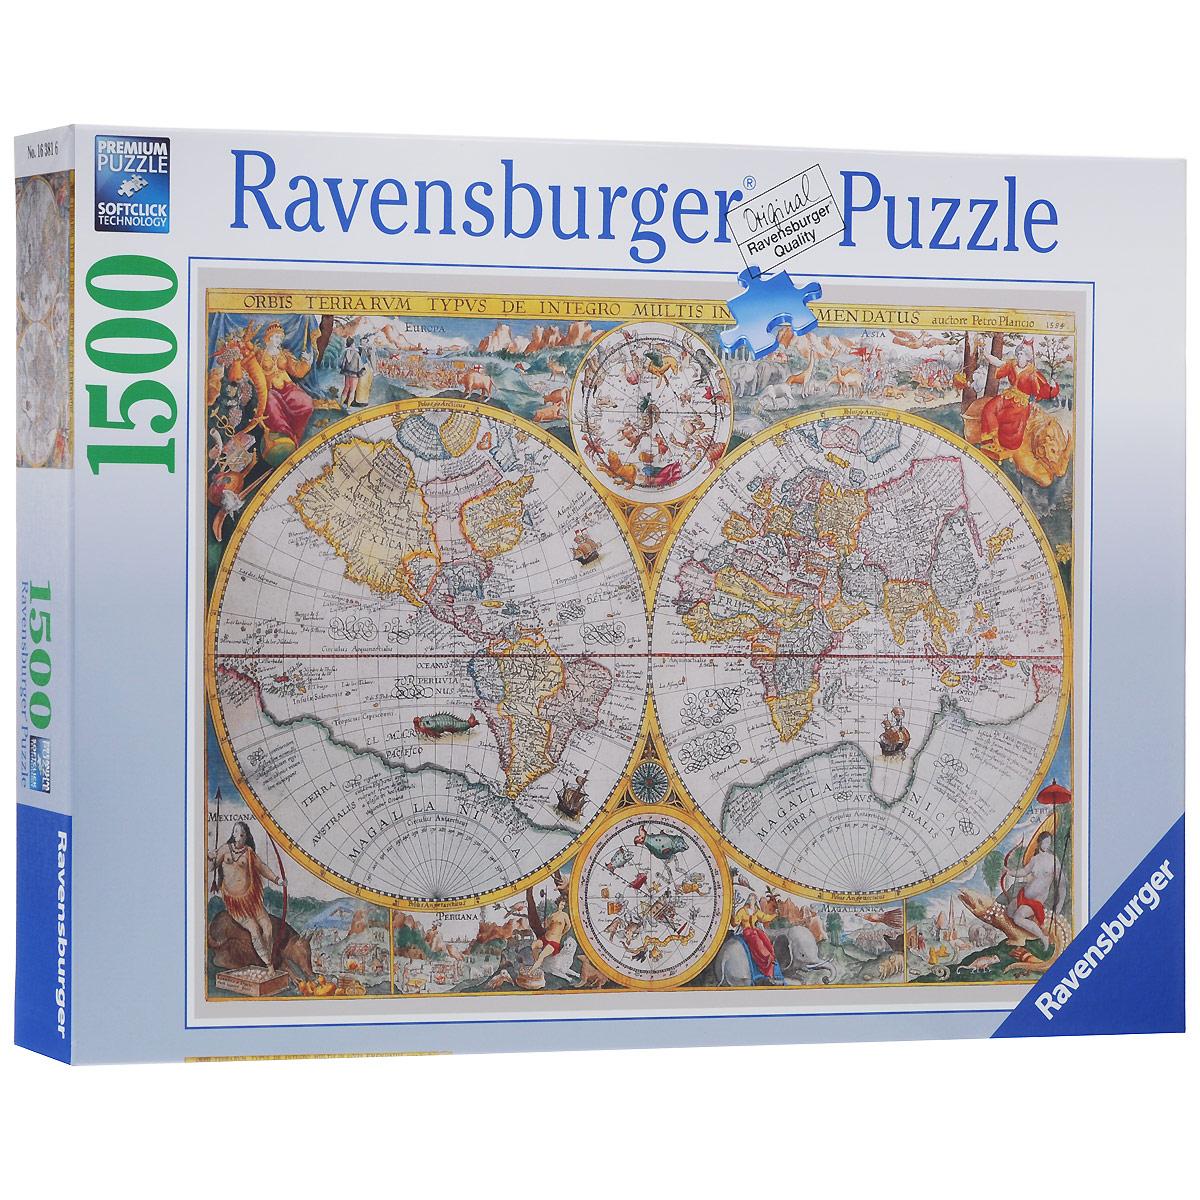 Ravensburger Историческая карта. Пазл, 1500 элементов